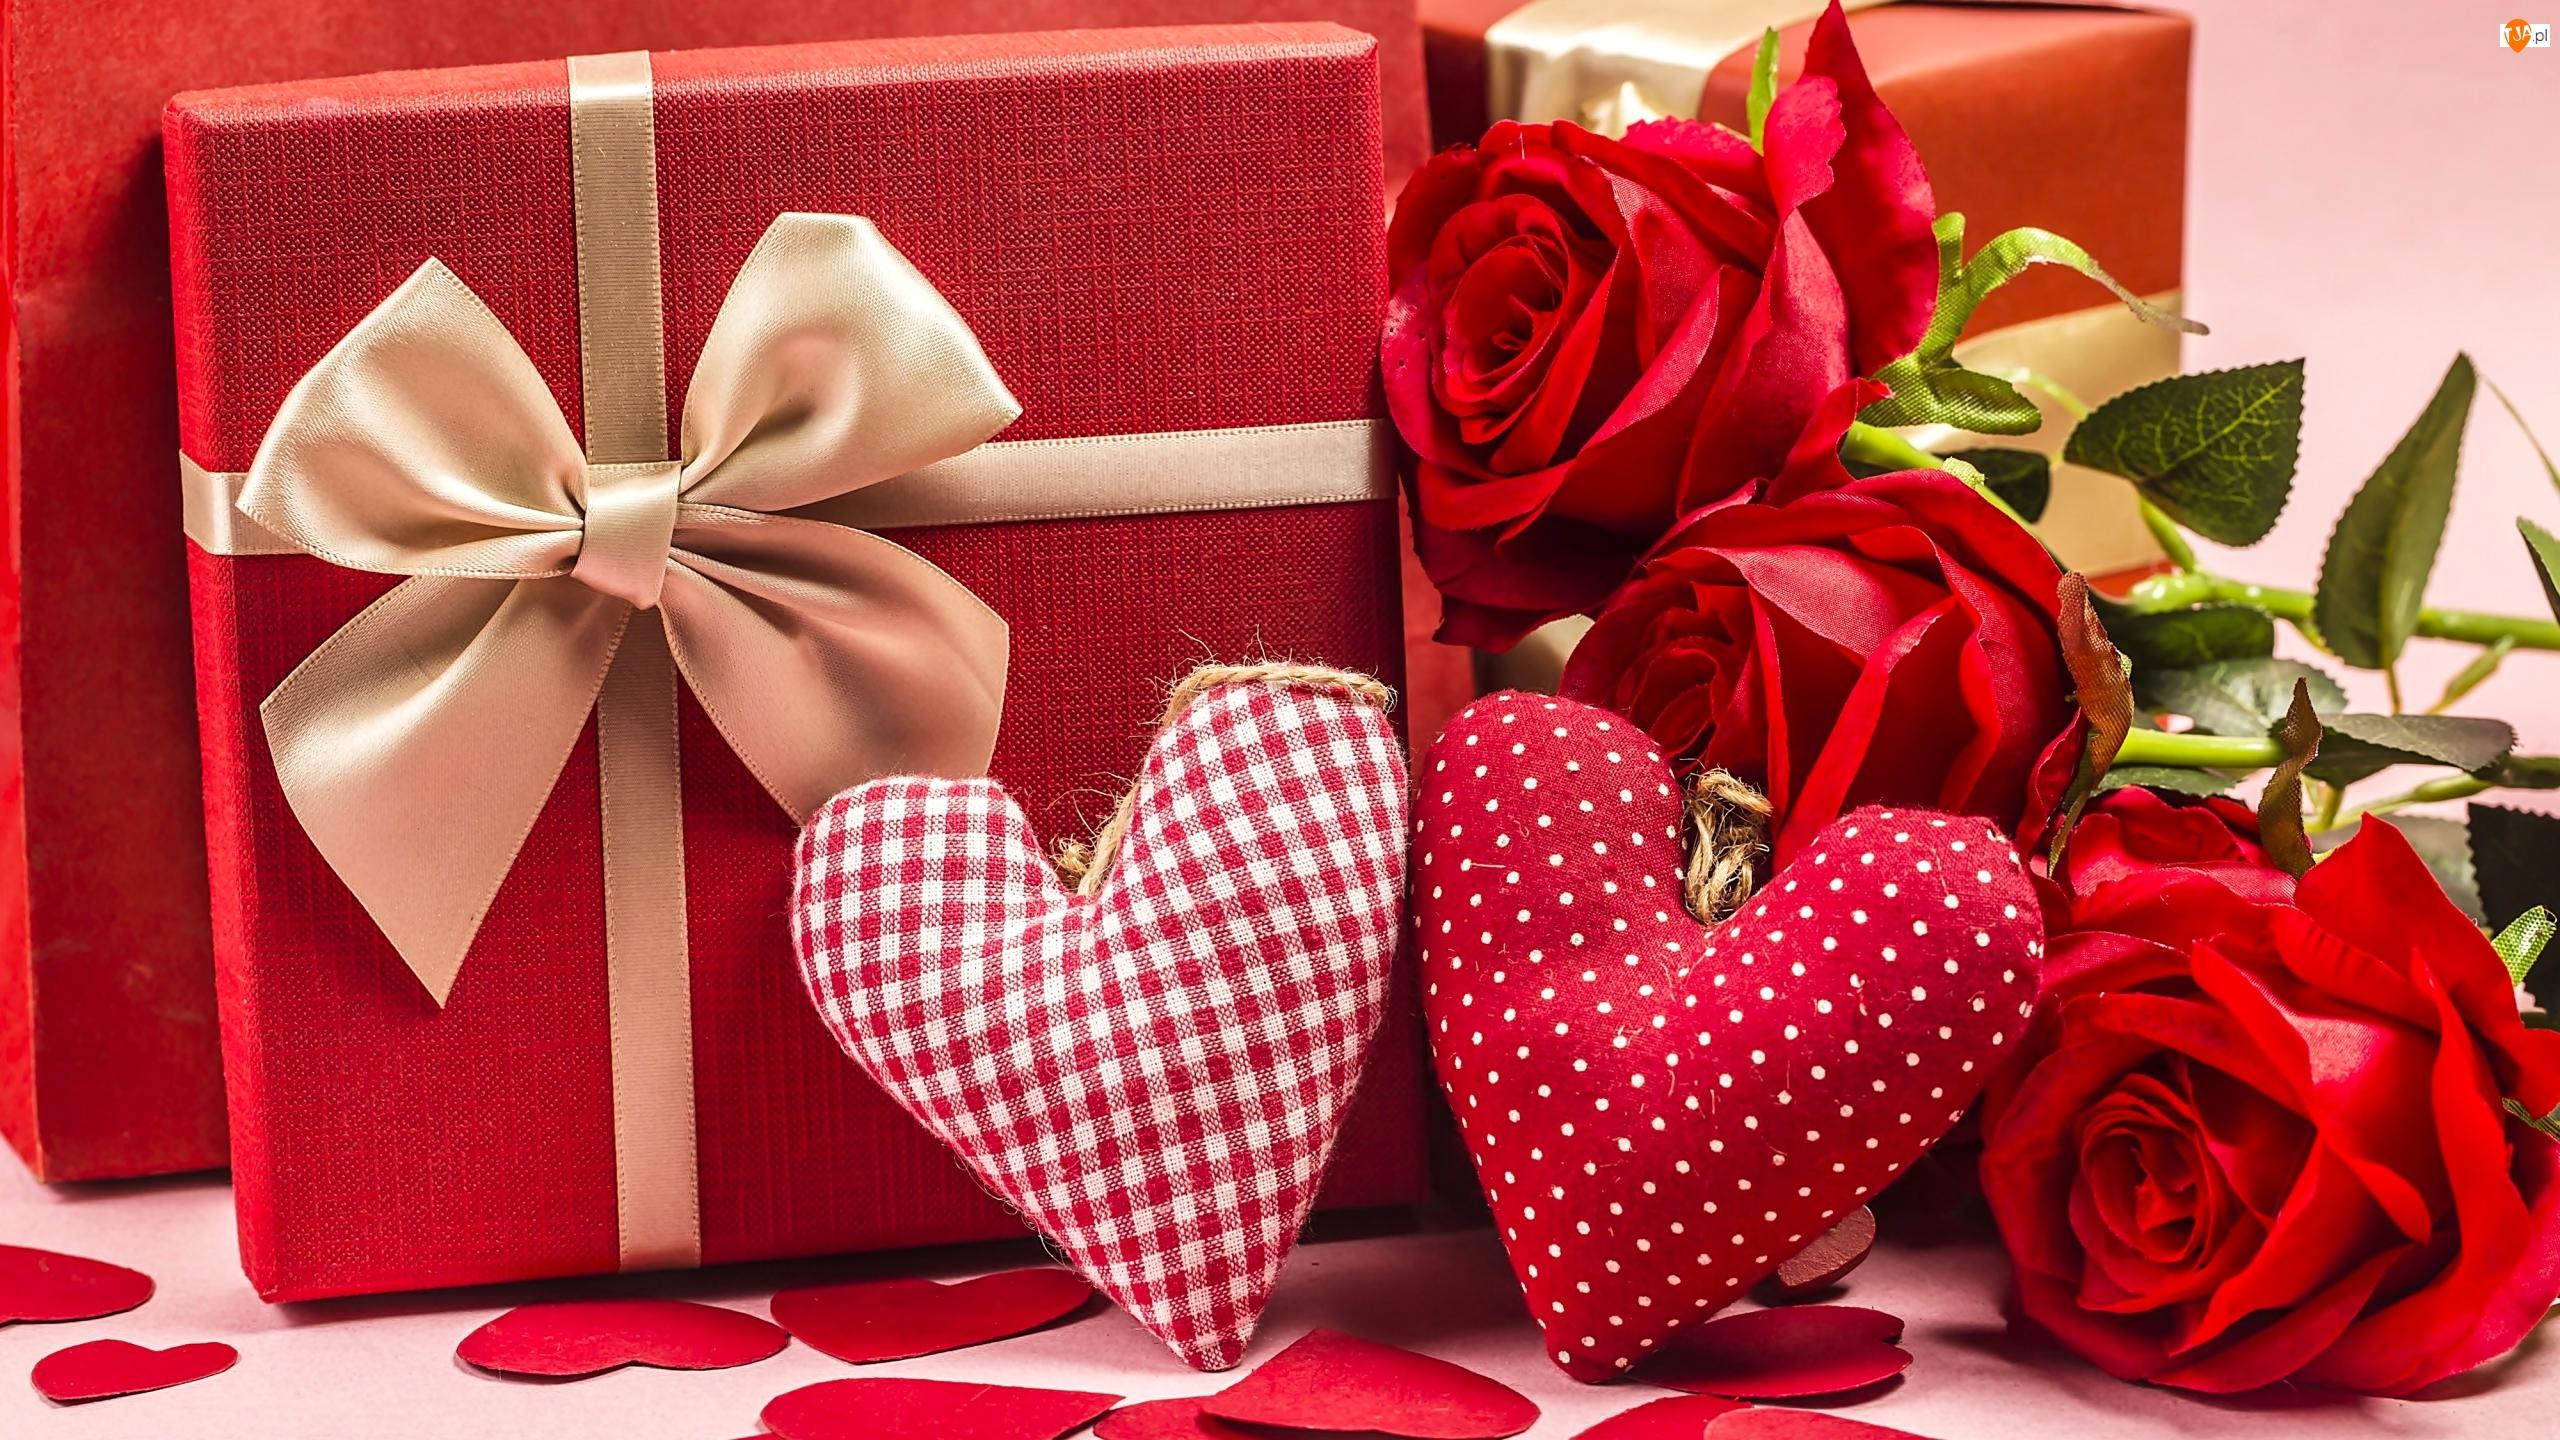 Wstążka, Róże, Walentynki, Prezent, Serca